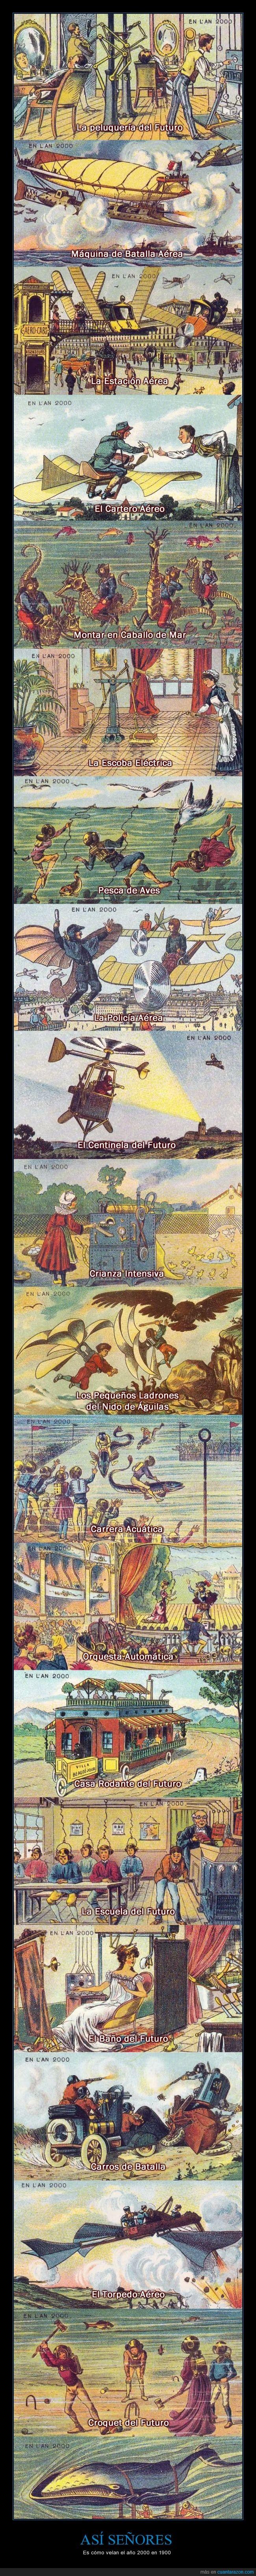 1900,2000,El cartero aéreo no esta mal,Francia,Futuro,ilustracion,imaginar